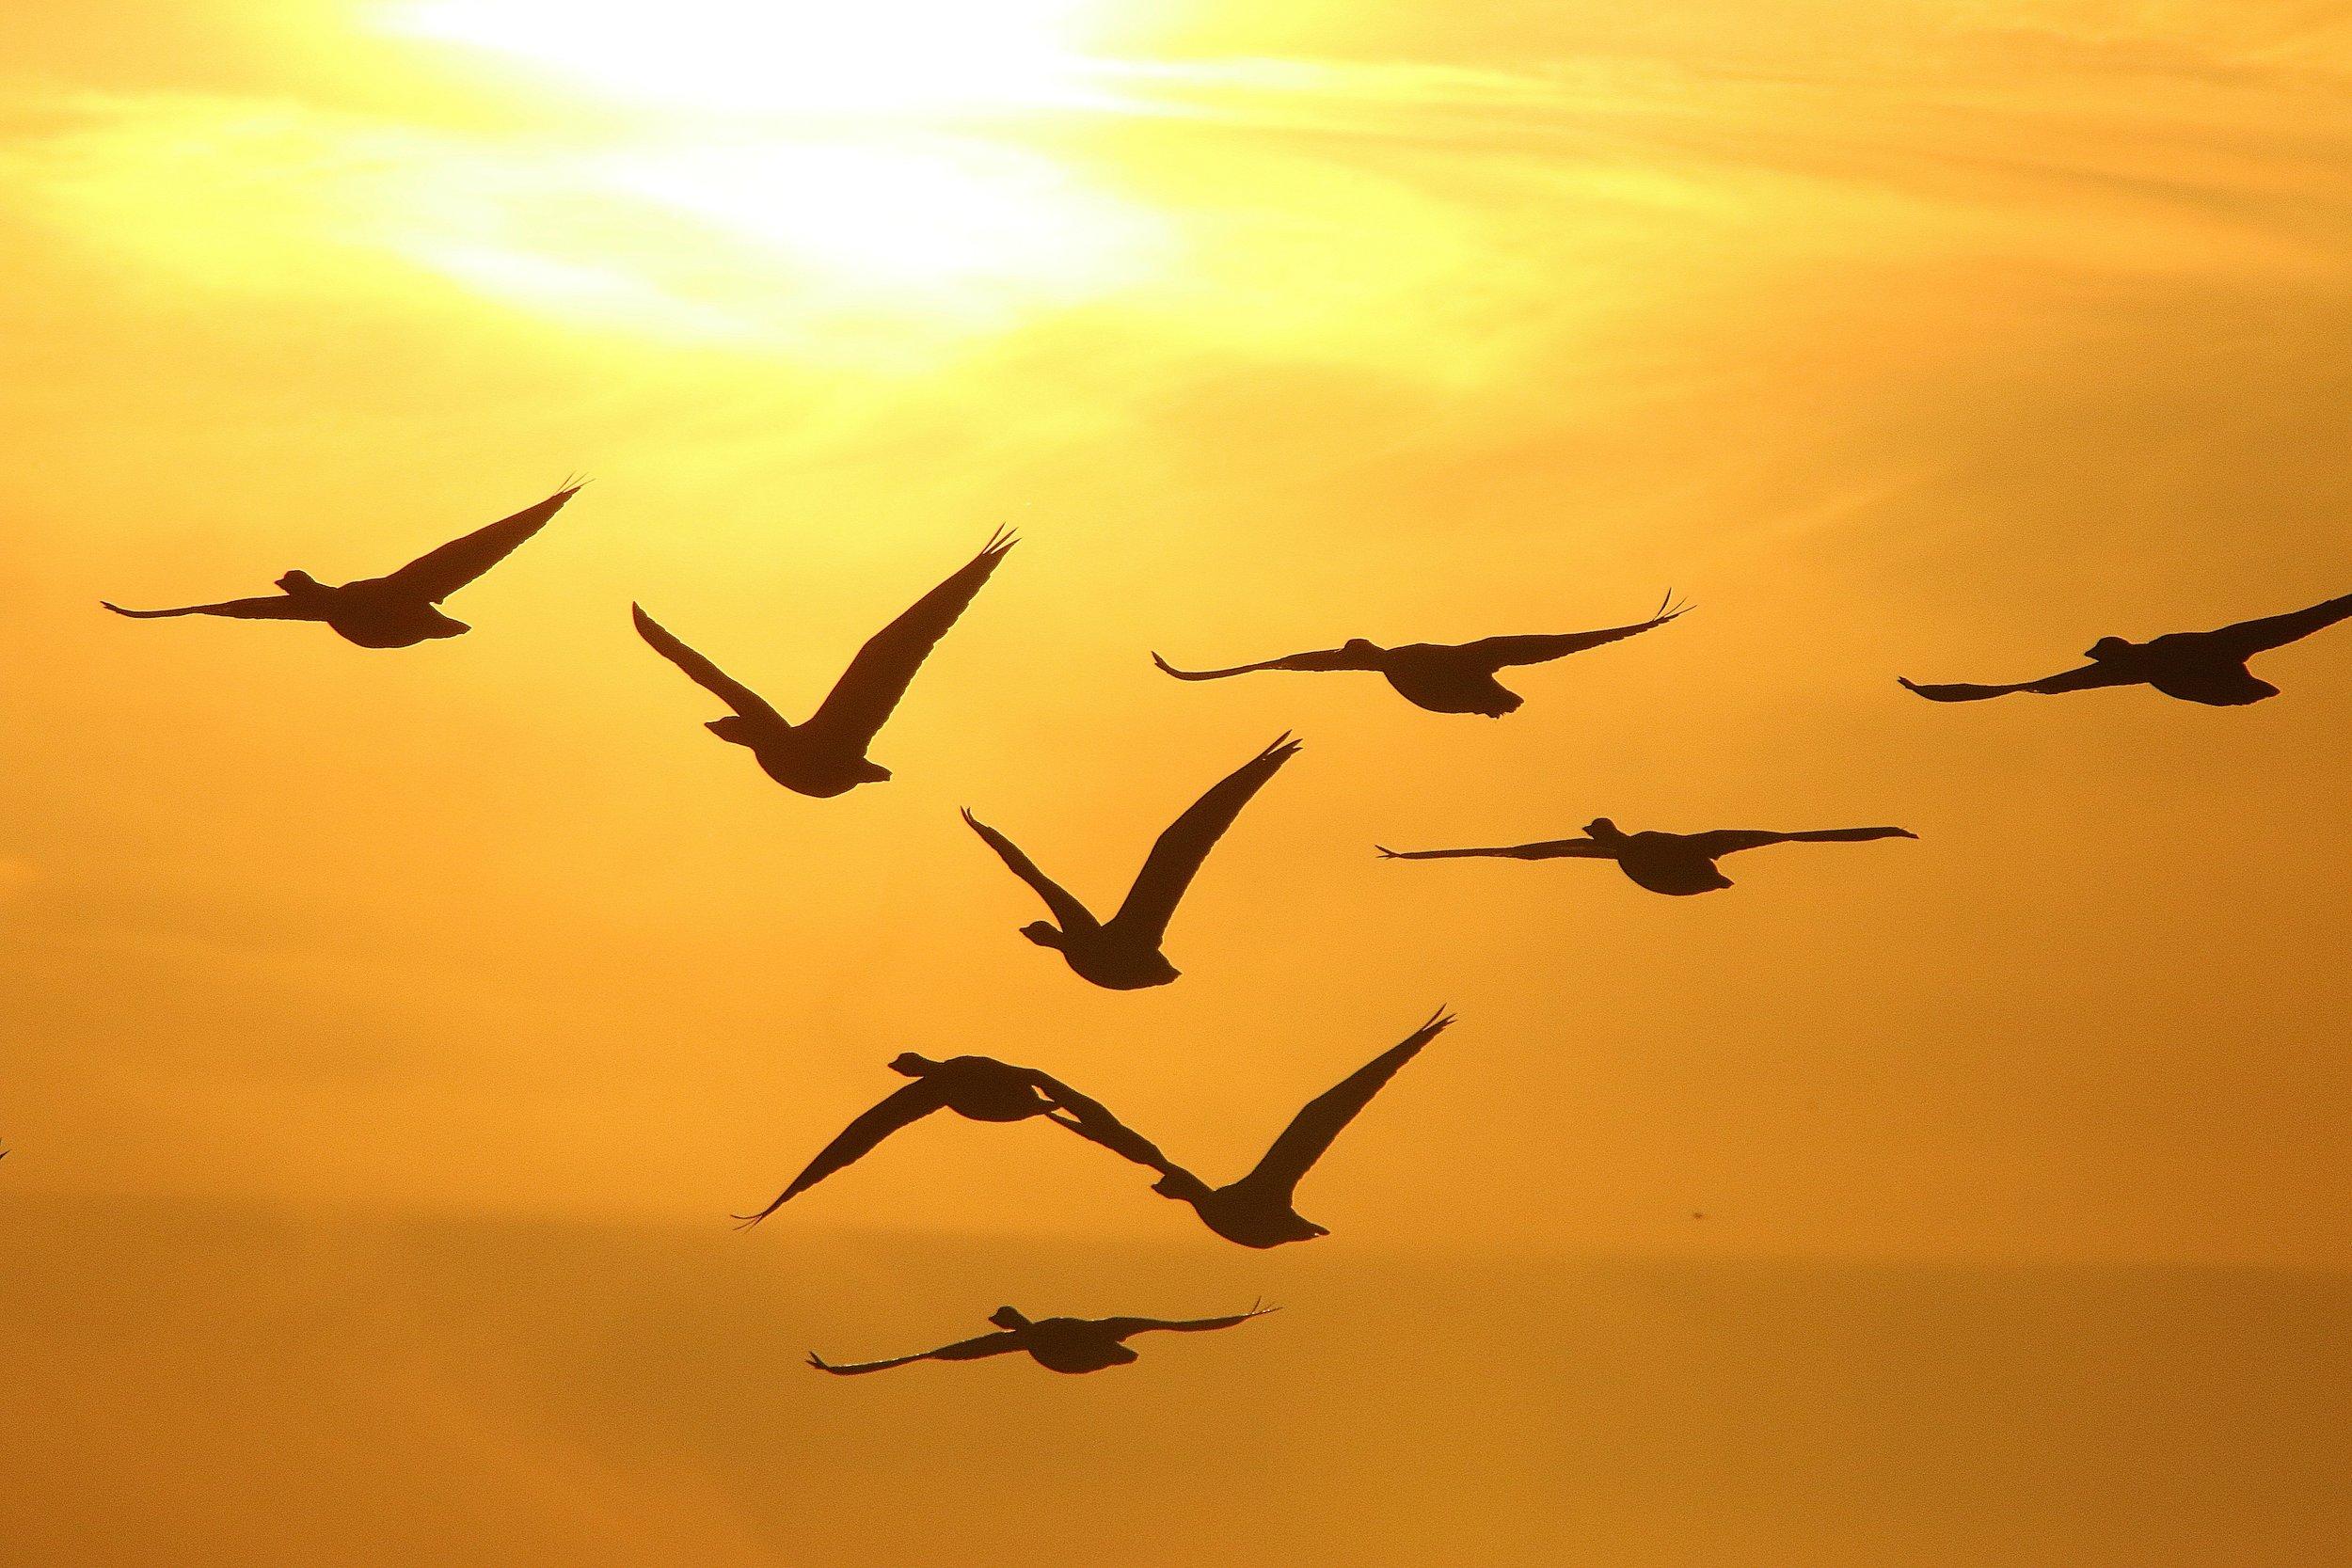 geese-3458177.jpg